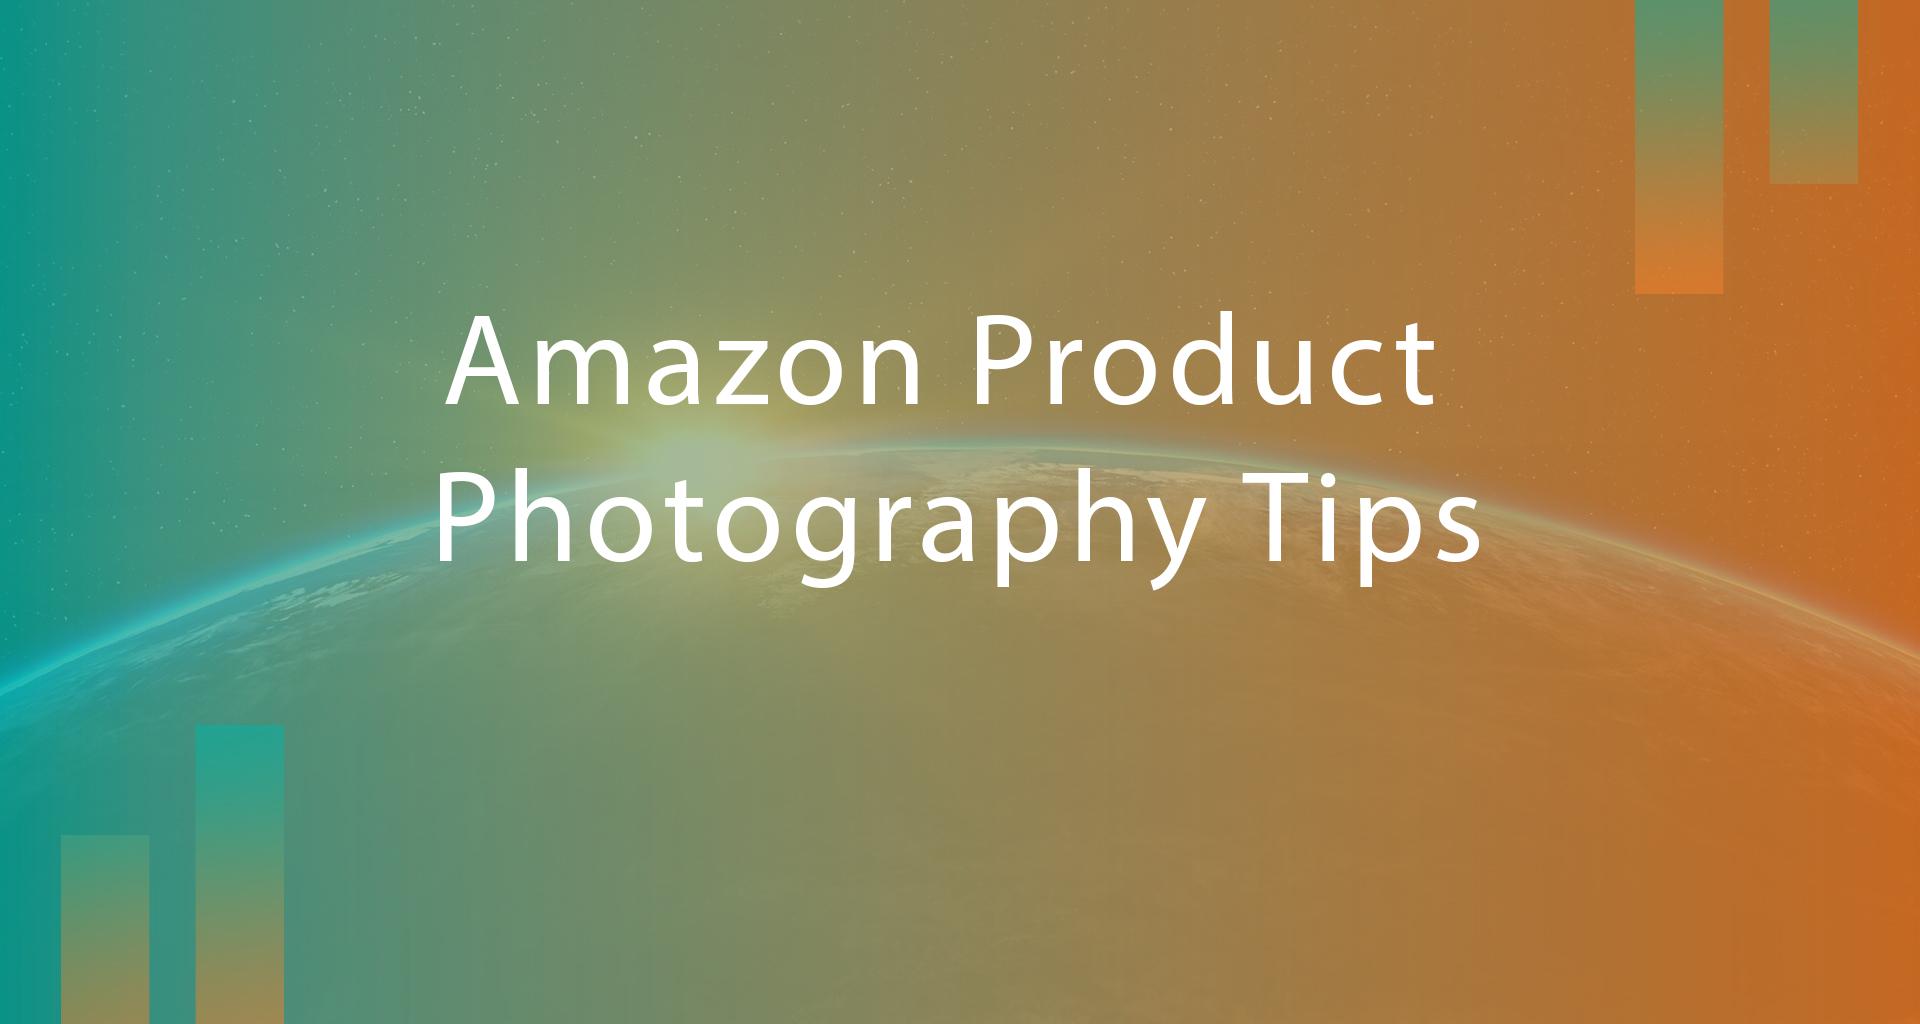 Amazon Product Photography- The Basics